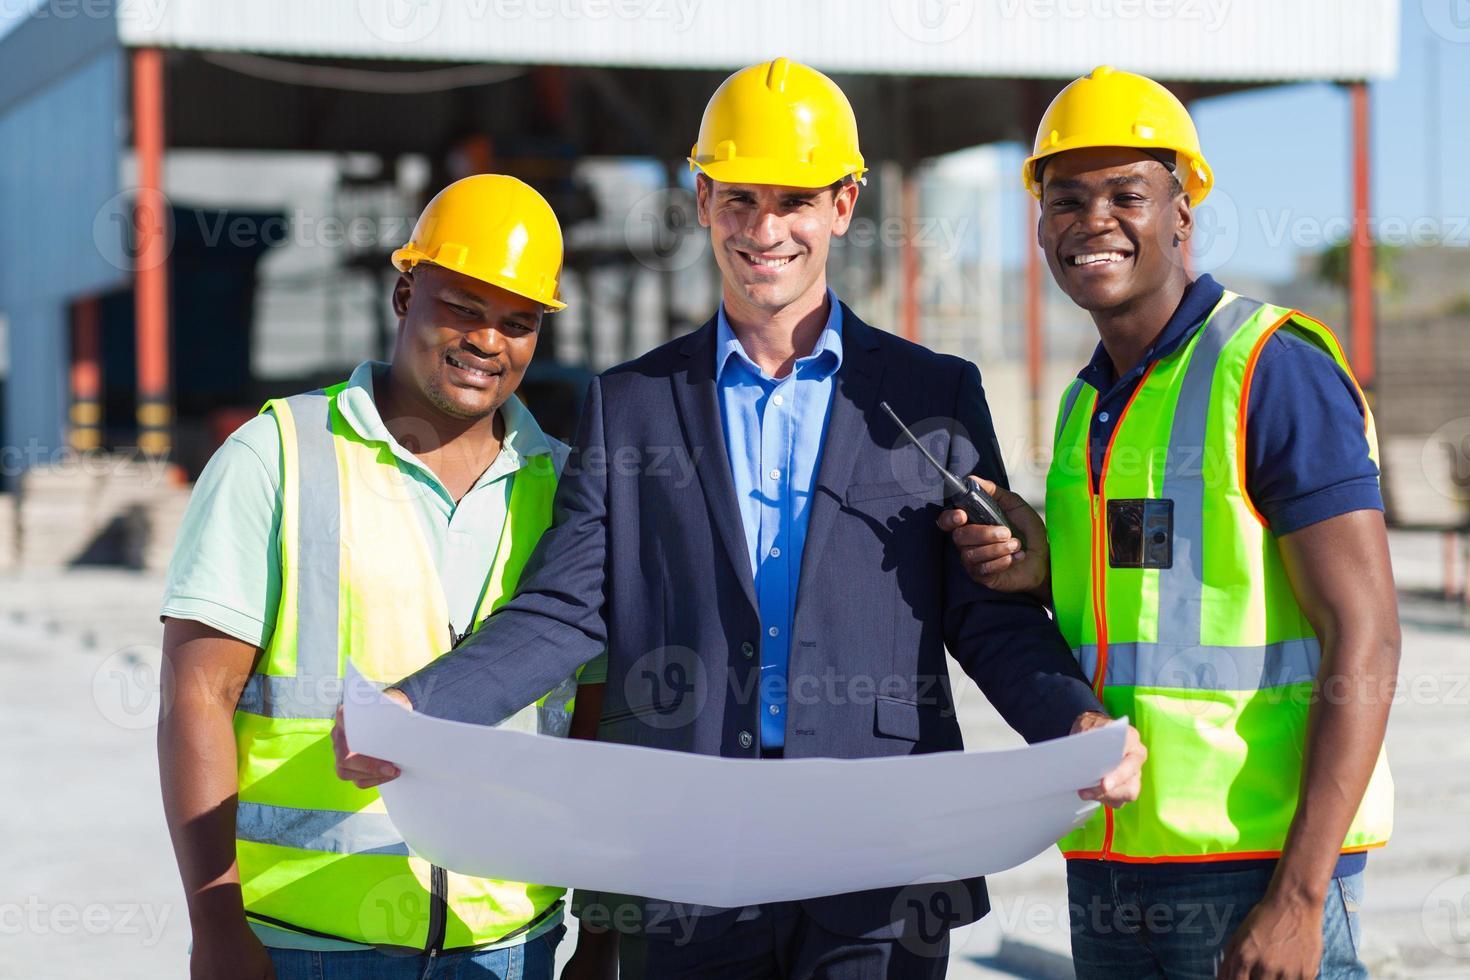 équipe d'architectes sur chantier photo